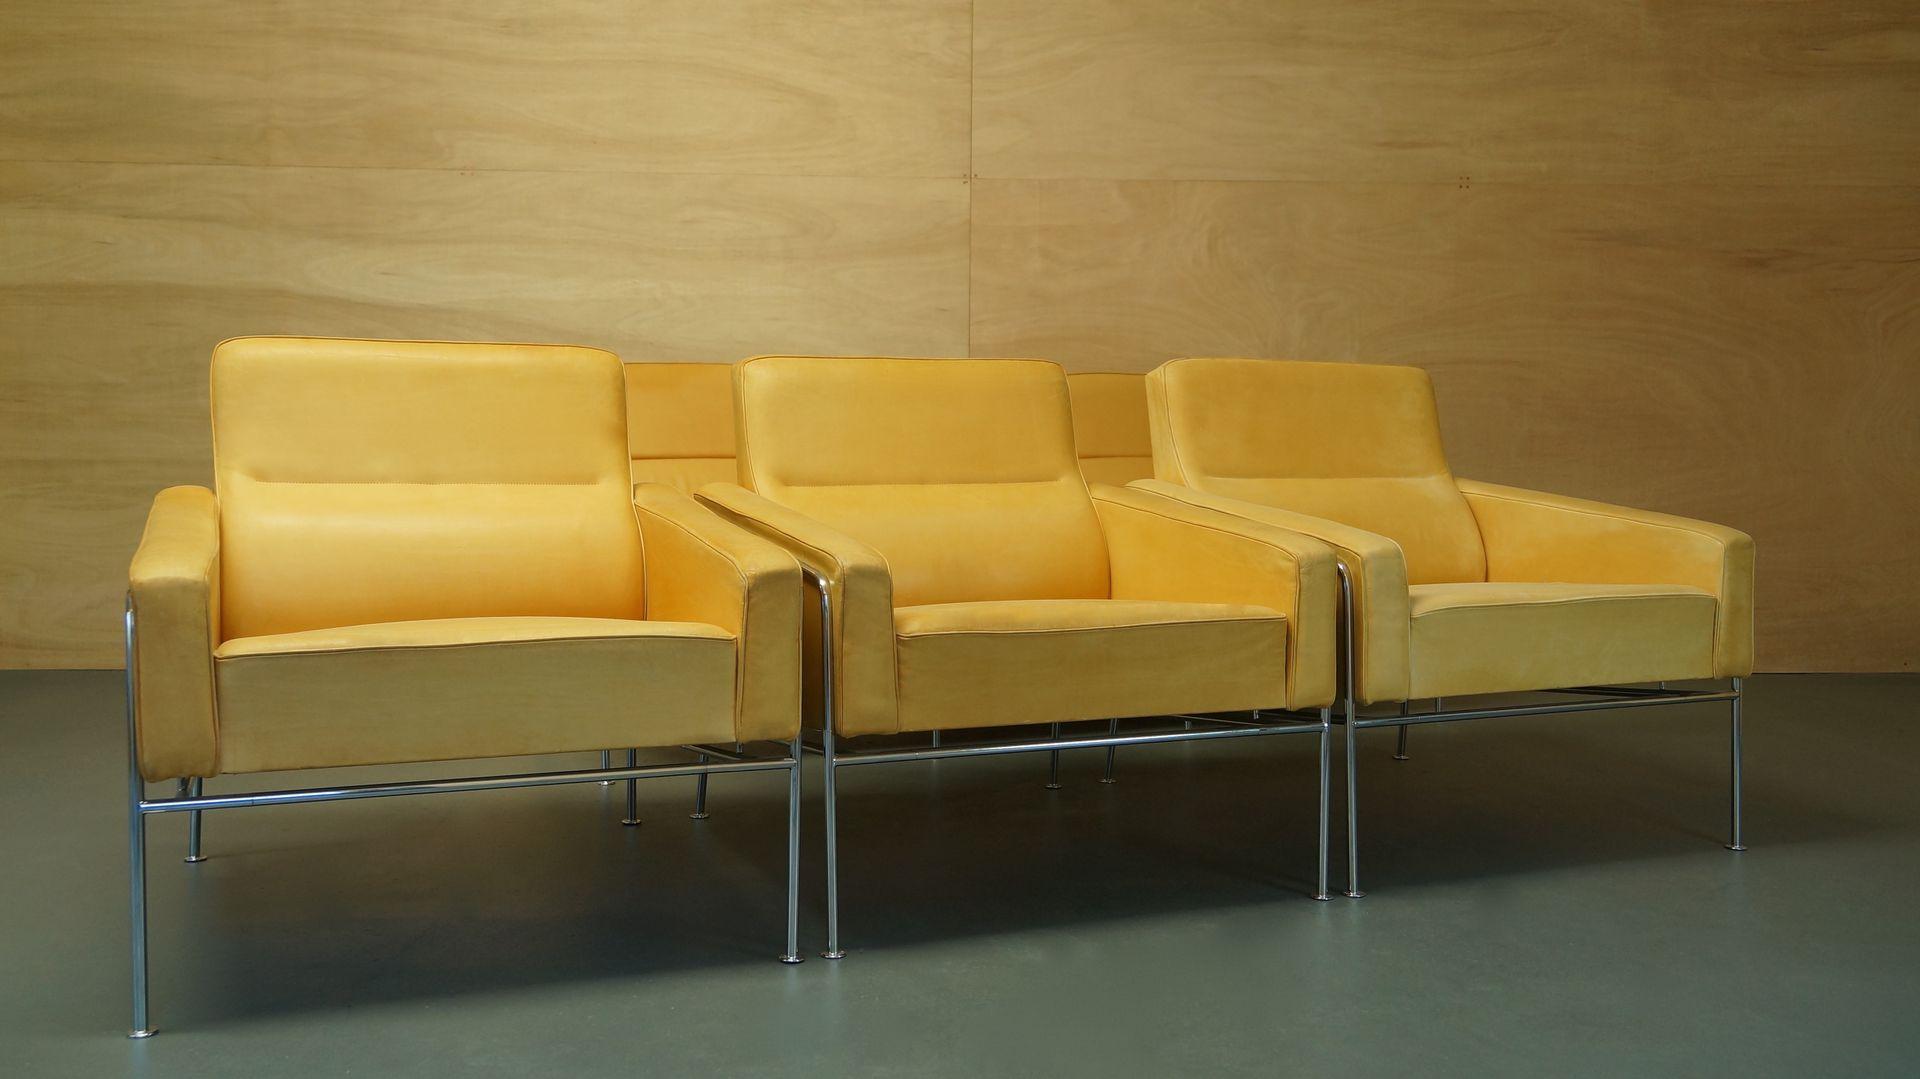 vintage serie 3300 sessel von arne jacobsen f r fritz hansen bei pamono kaufen. Black Bedroom Furniture Sets. Home Design Ideas